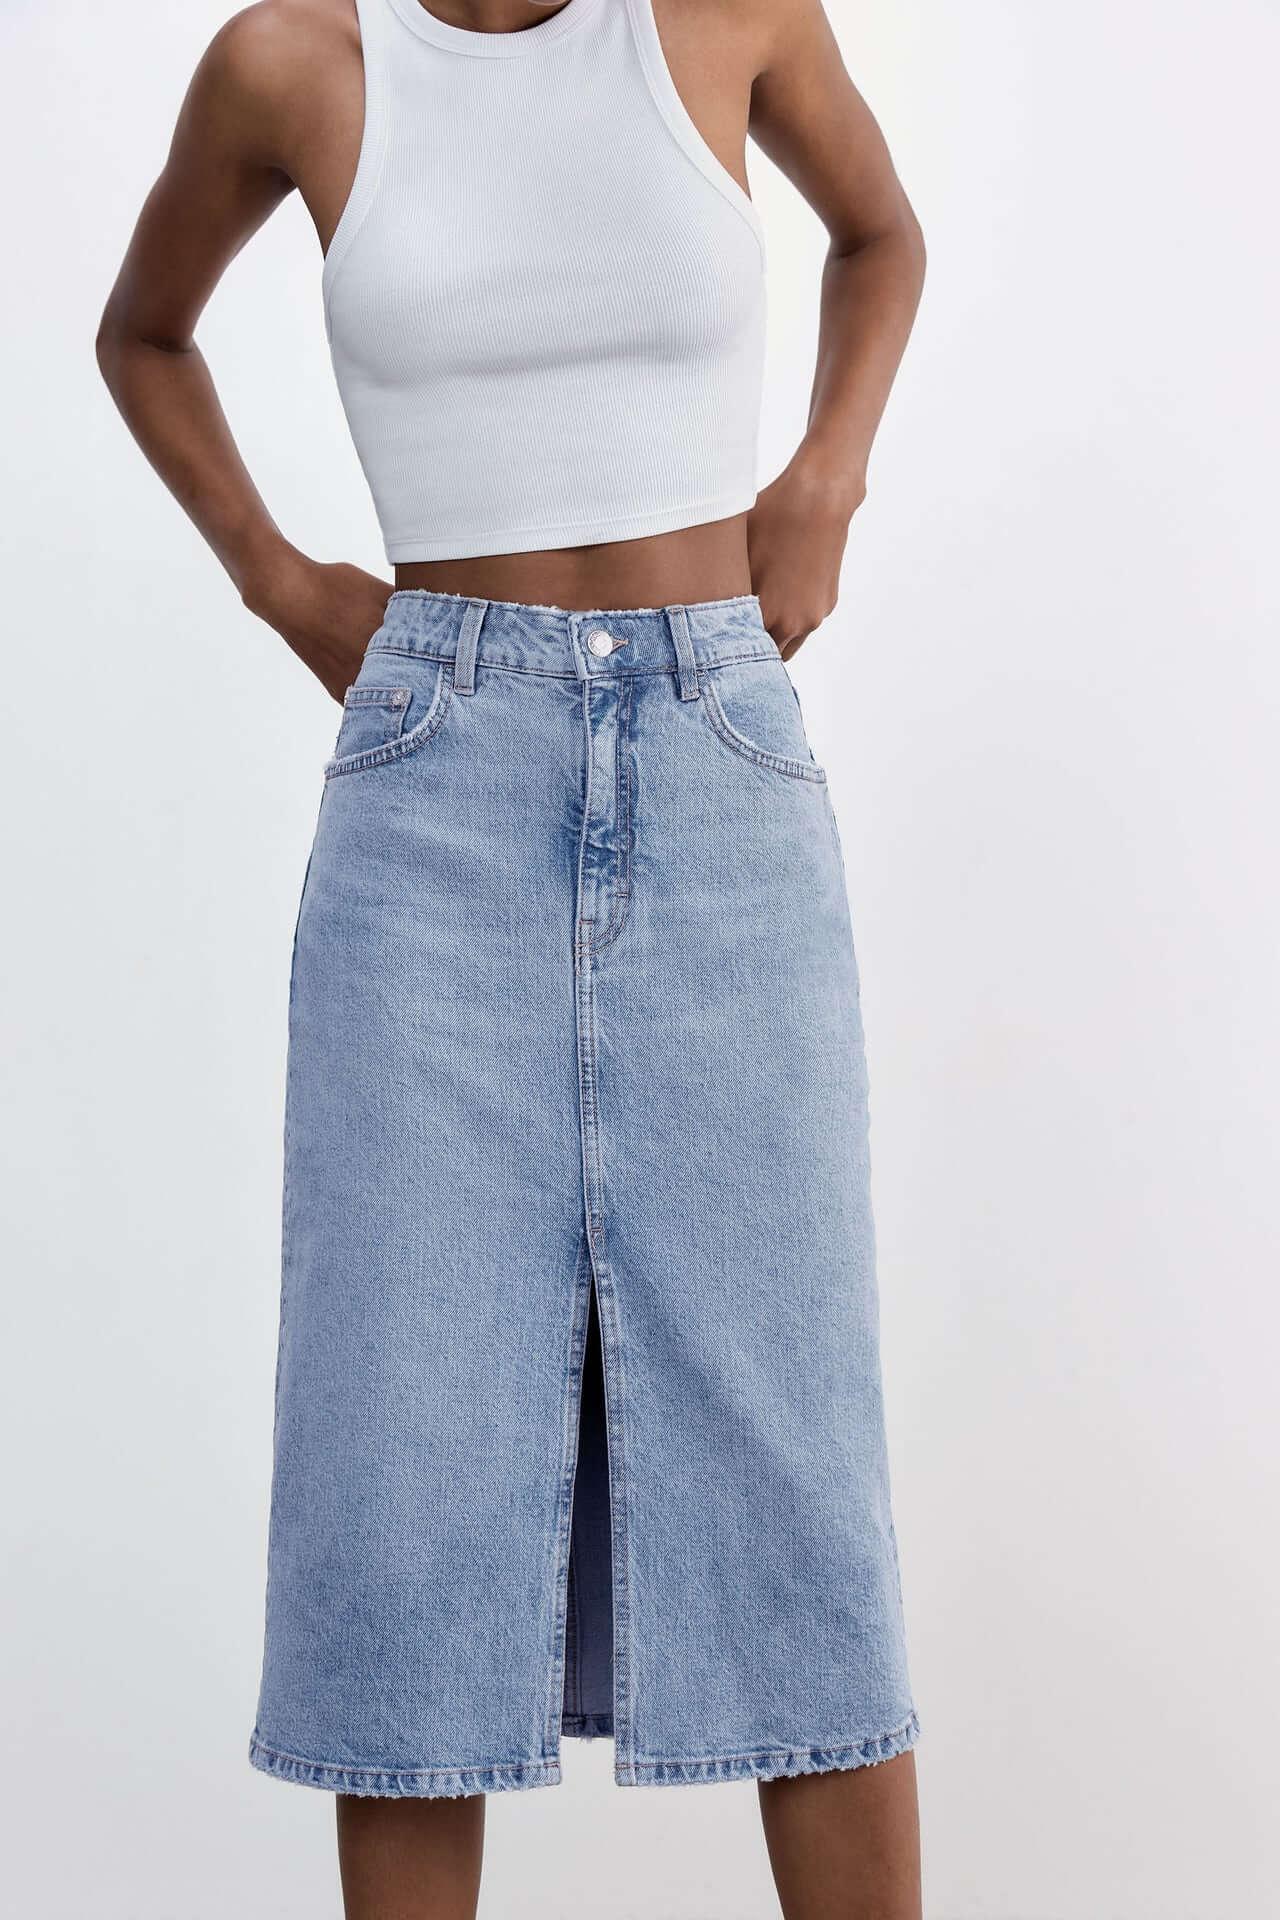 Al Fresco Fashion: Viva has you covered -Zara.com, Denim SKirt £25.99.